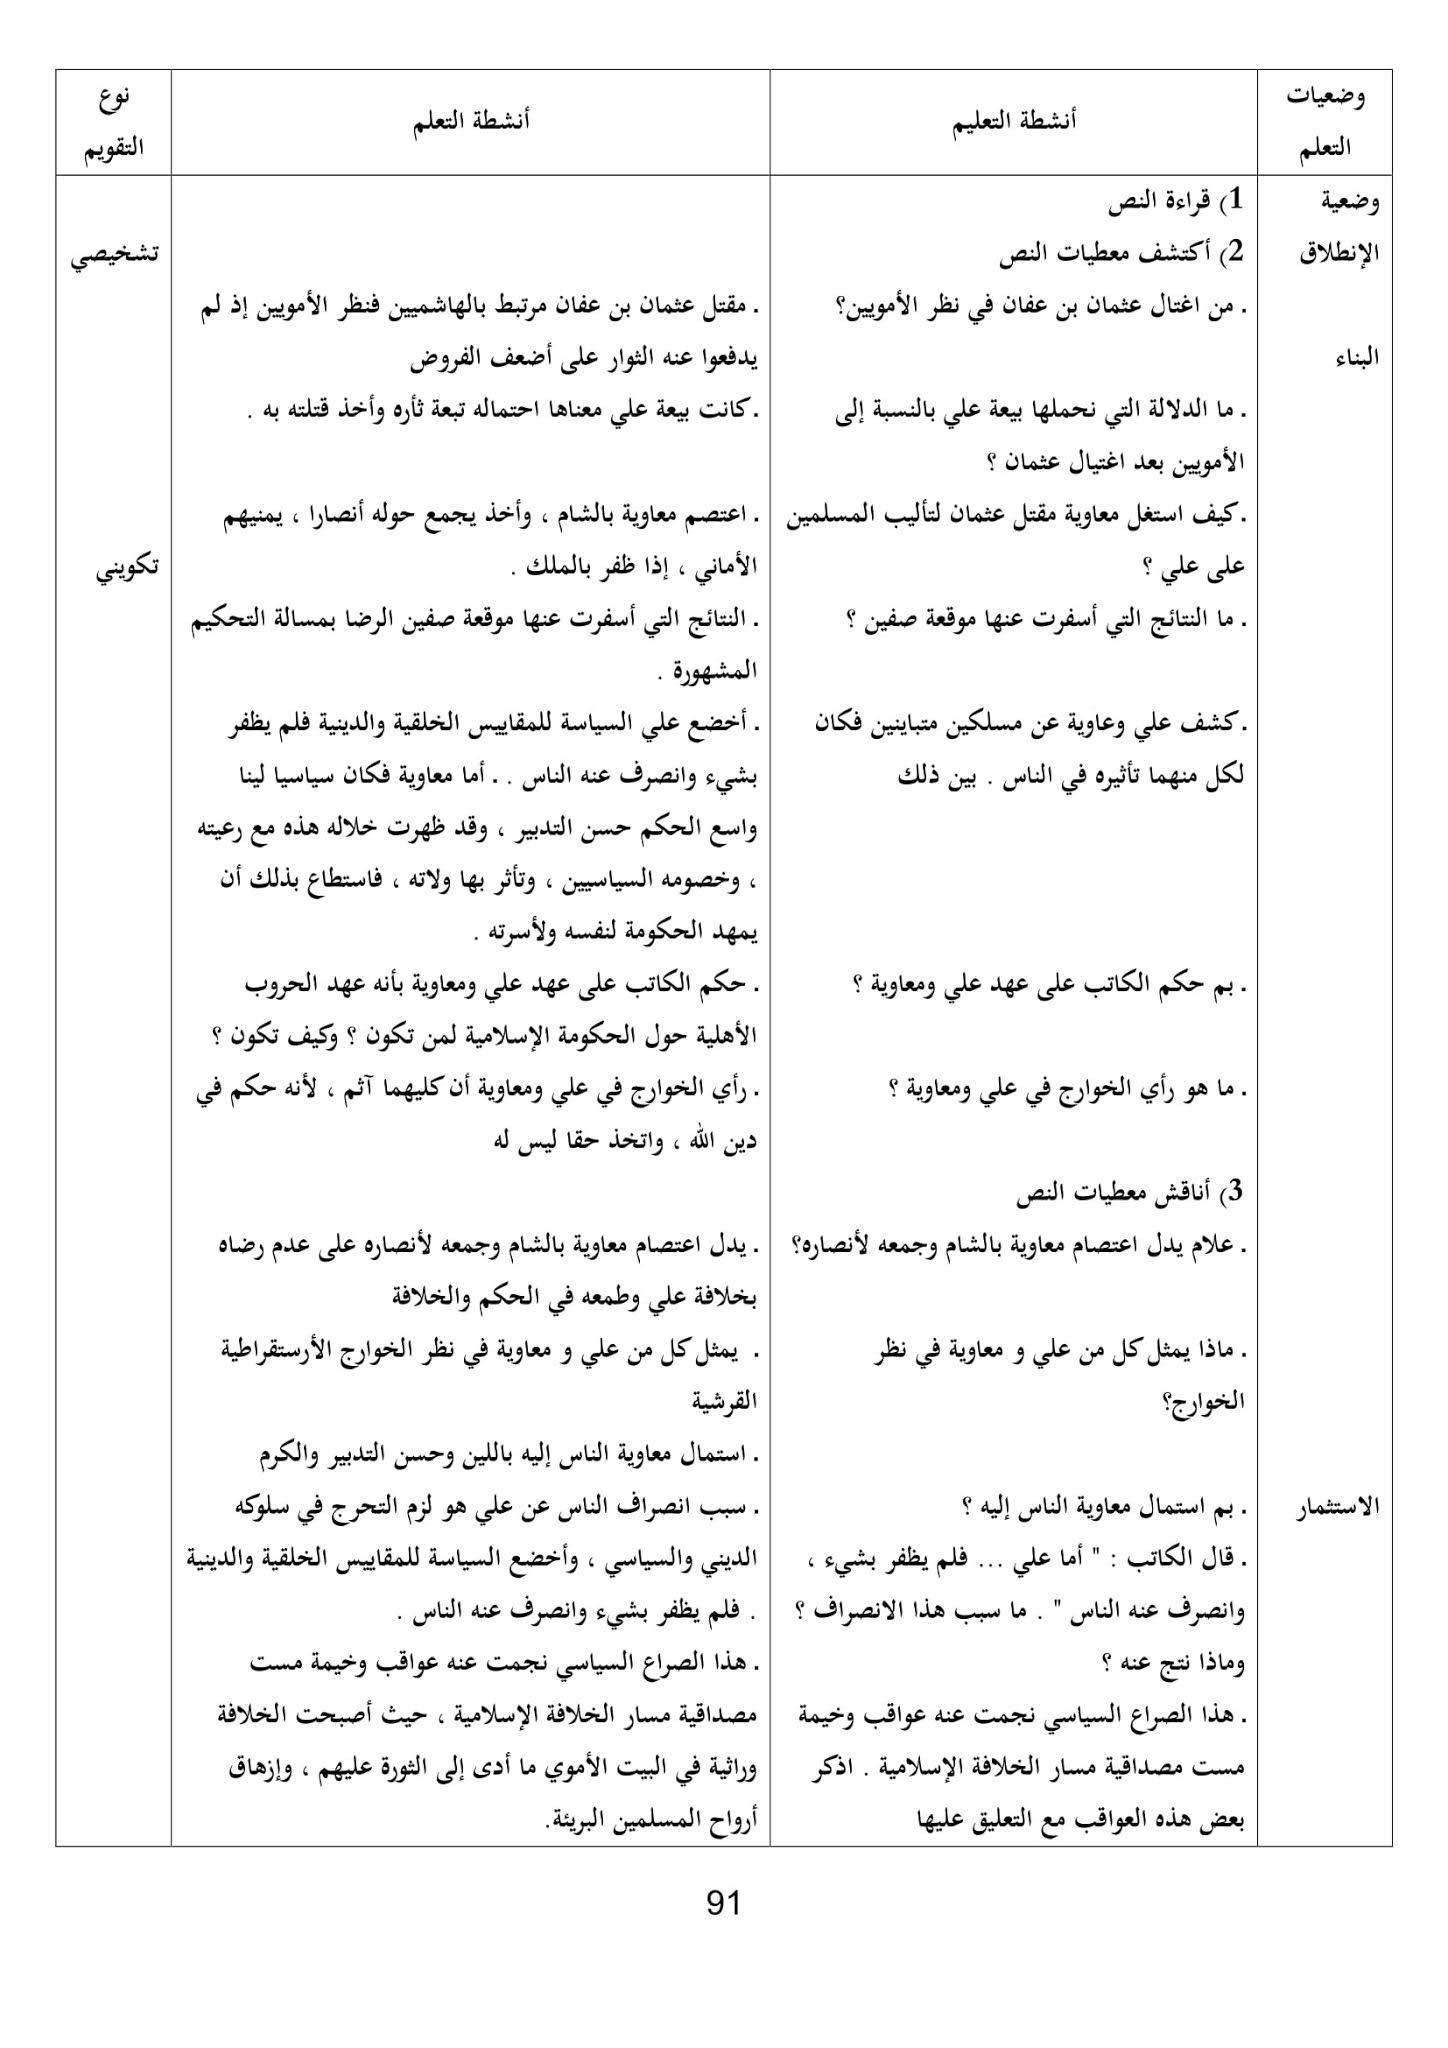 تحضير نص نشاة الأحزاب السياسية في وقت بني أمية 1 ثانوي علمي